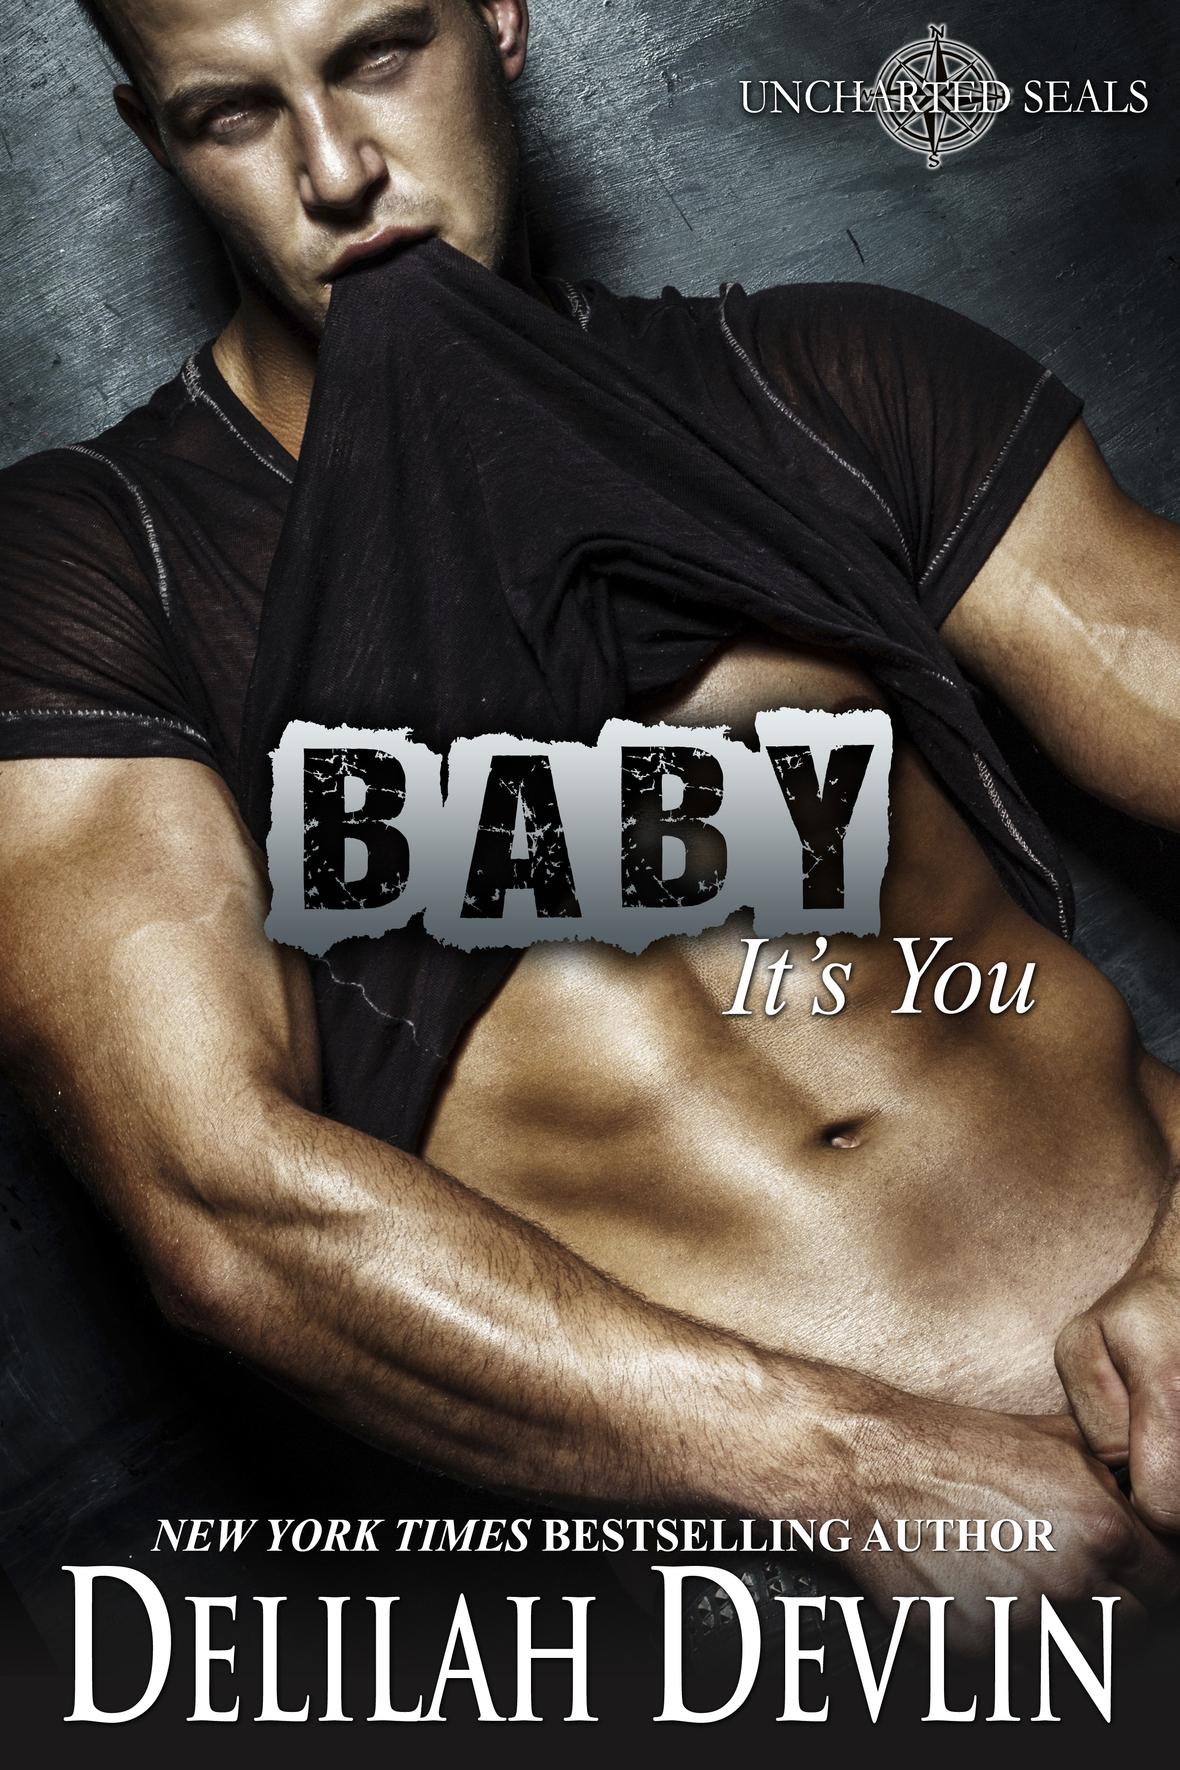 BabyItsYou